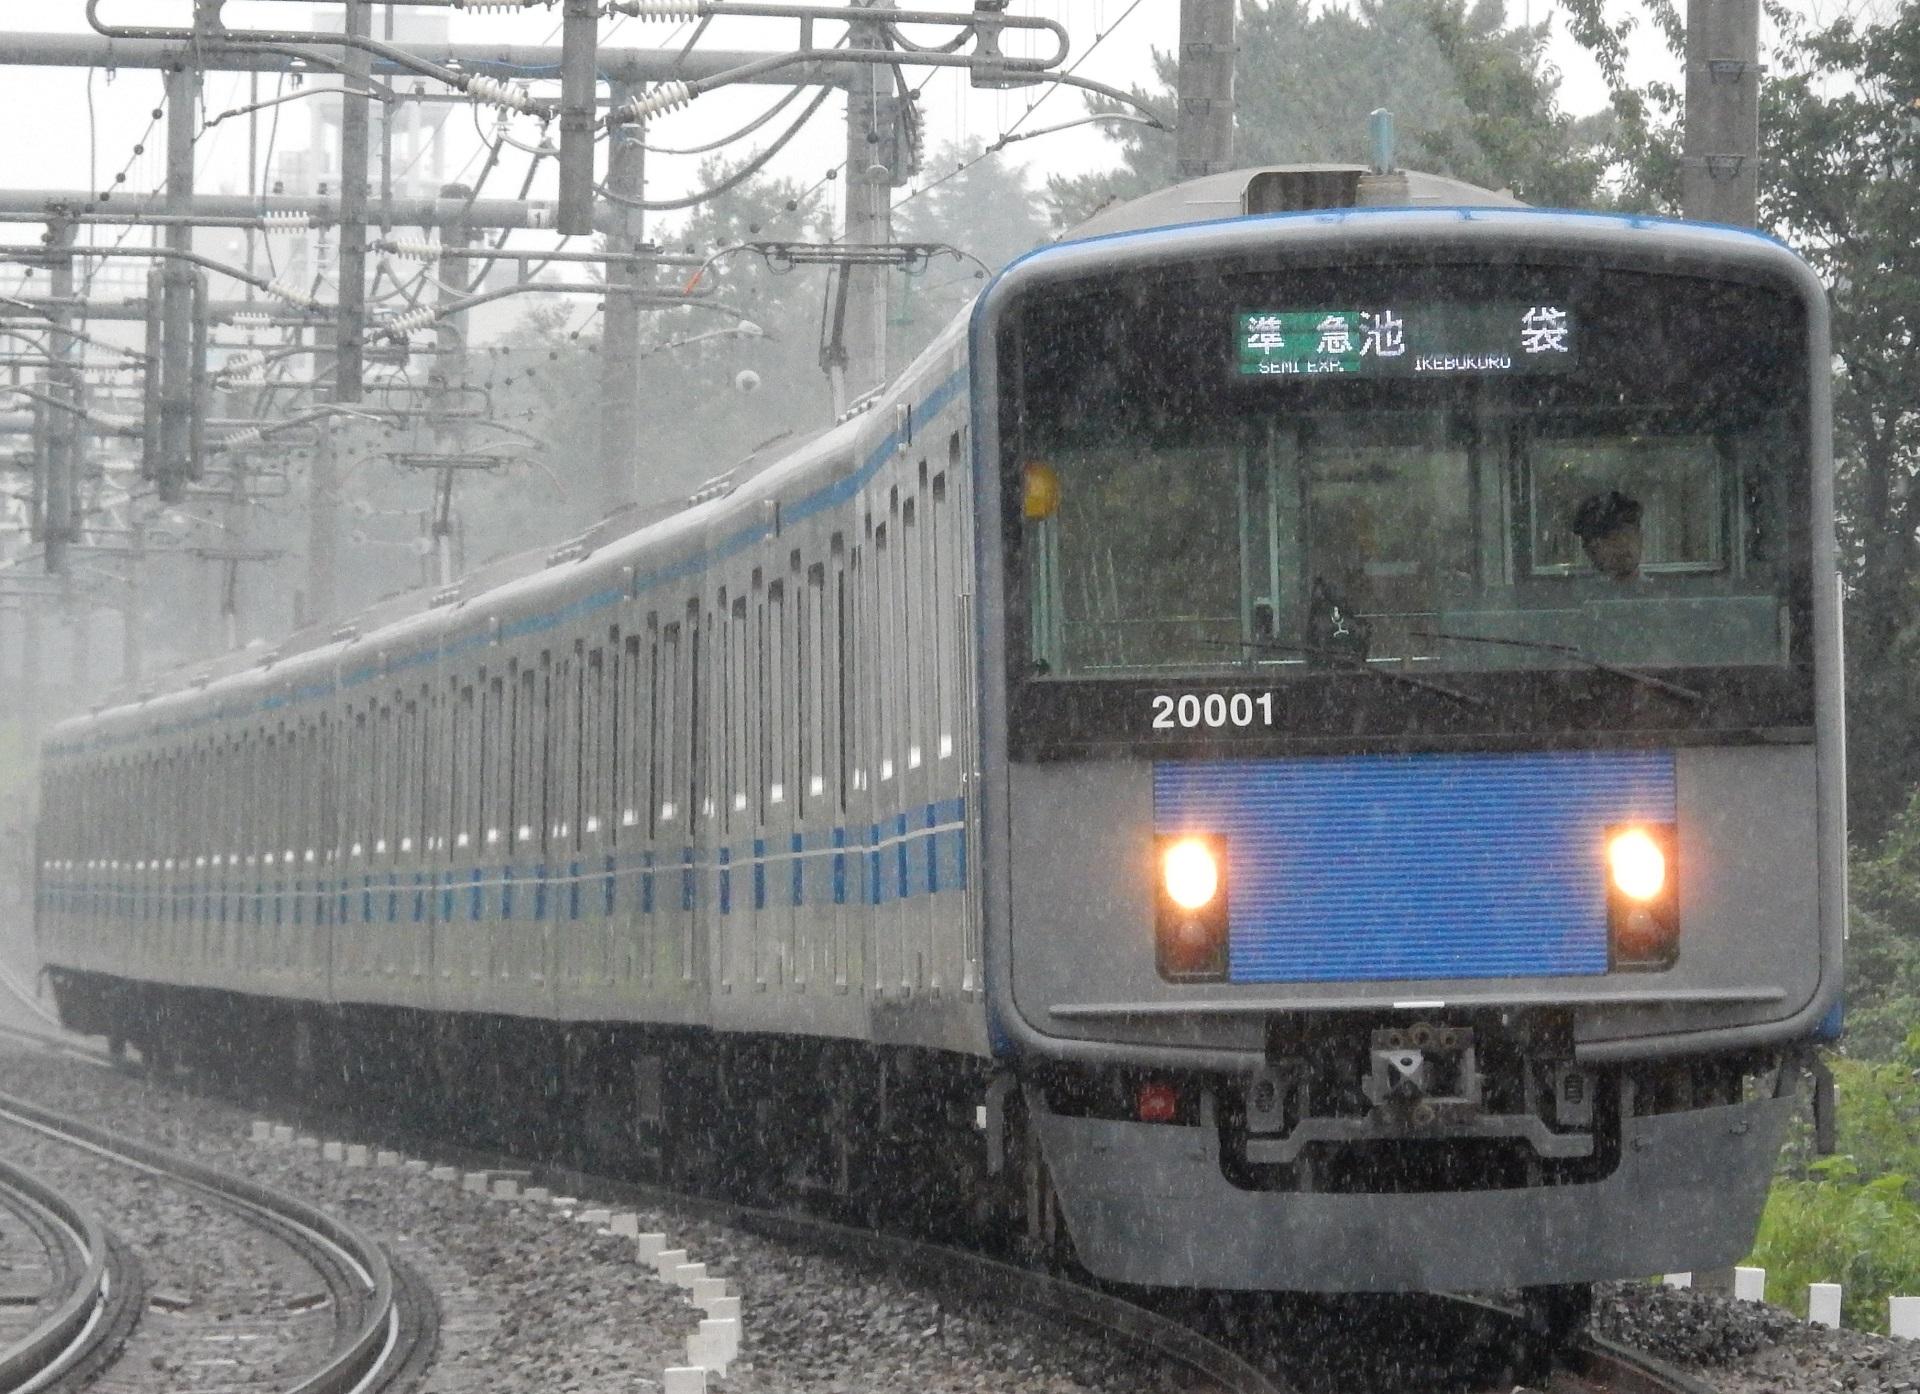 DSCN3846 - コピー